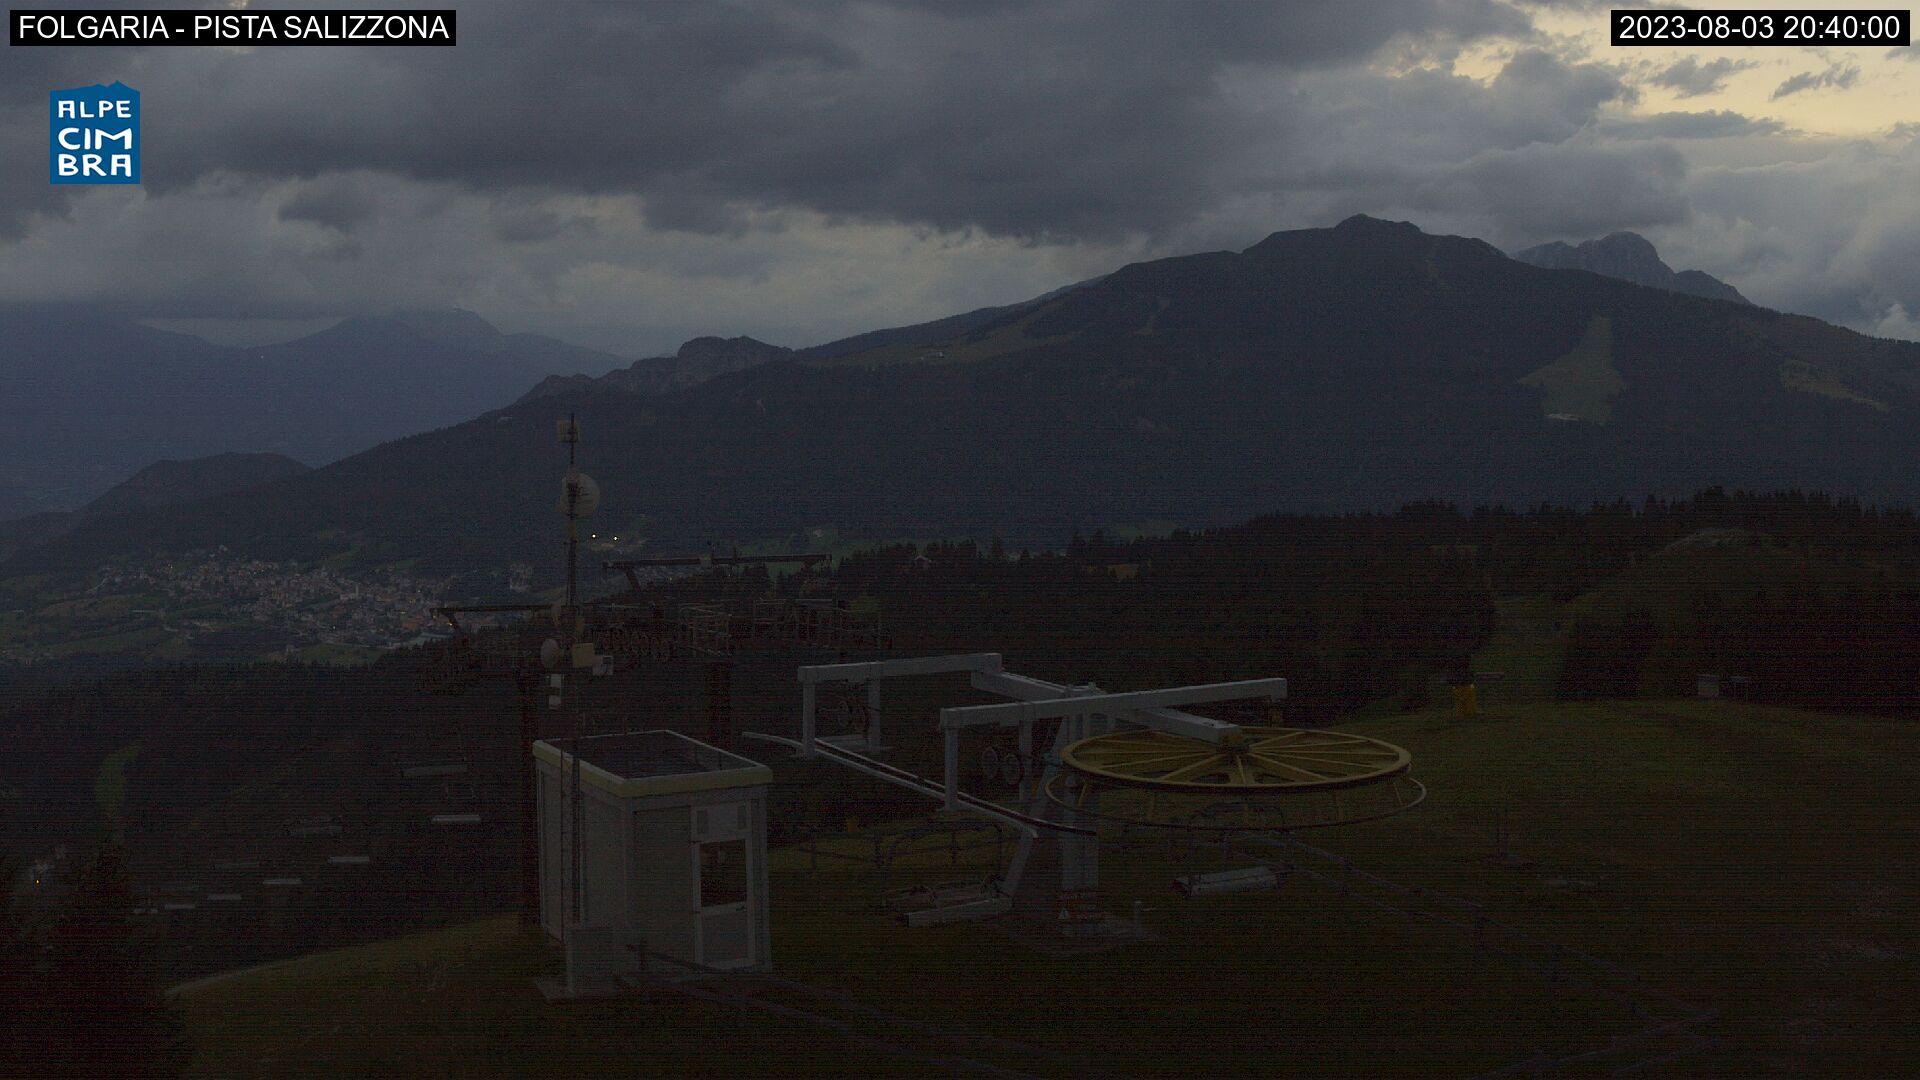 Webcam Seggiovia Sommo Alto - Folgaria, Alpe Cimbra